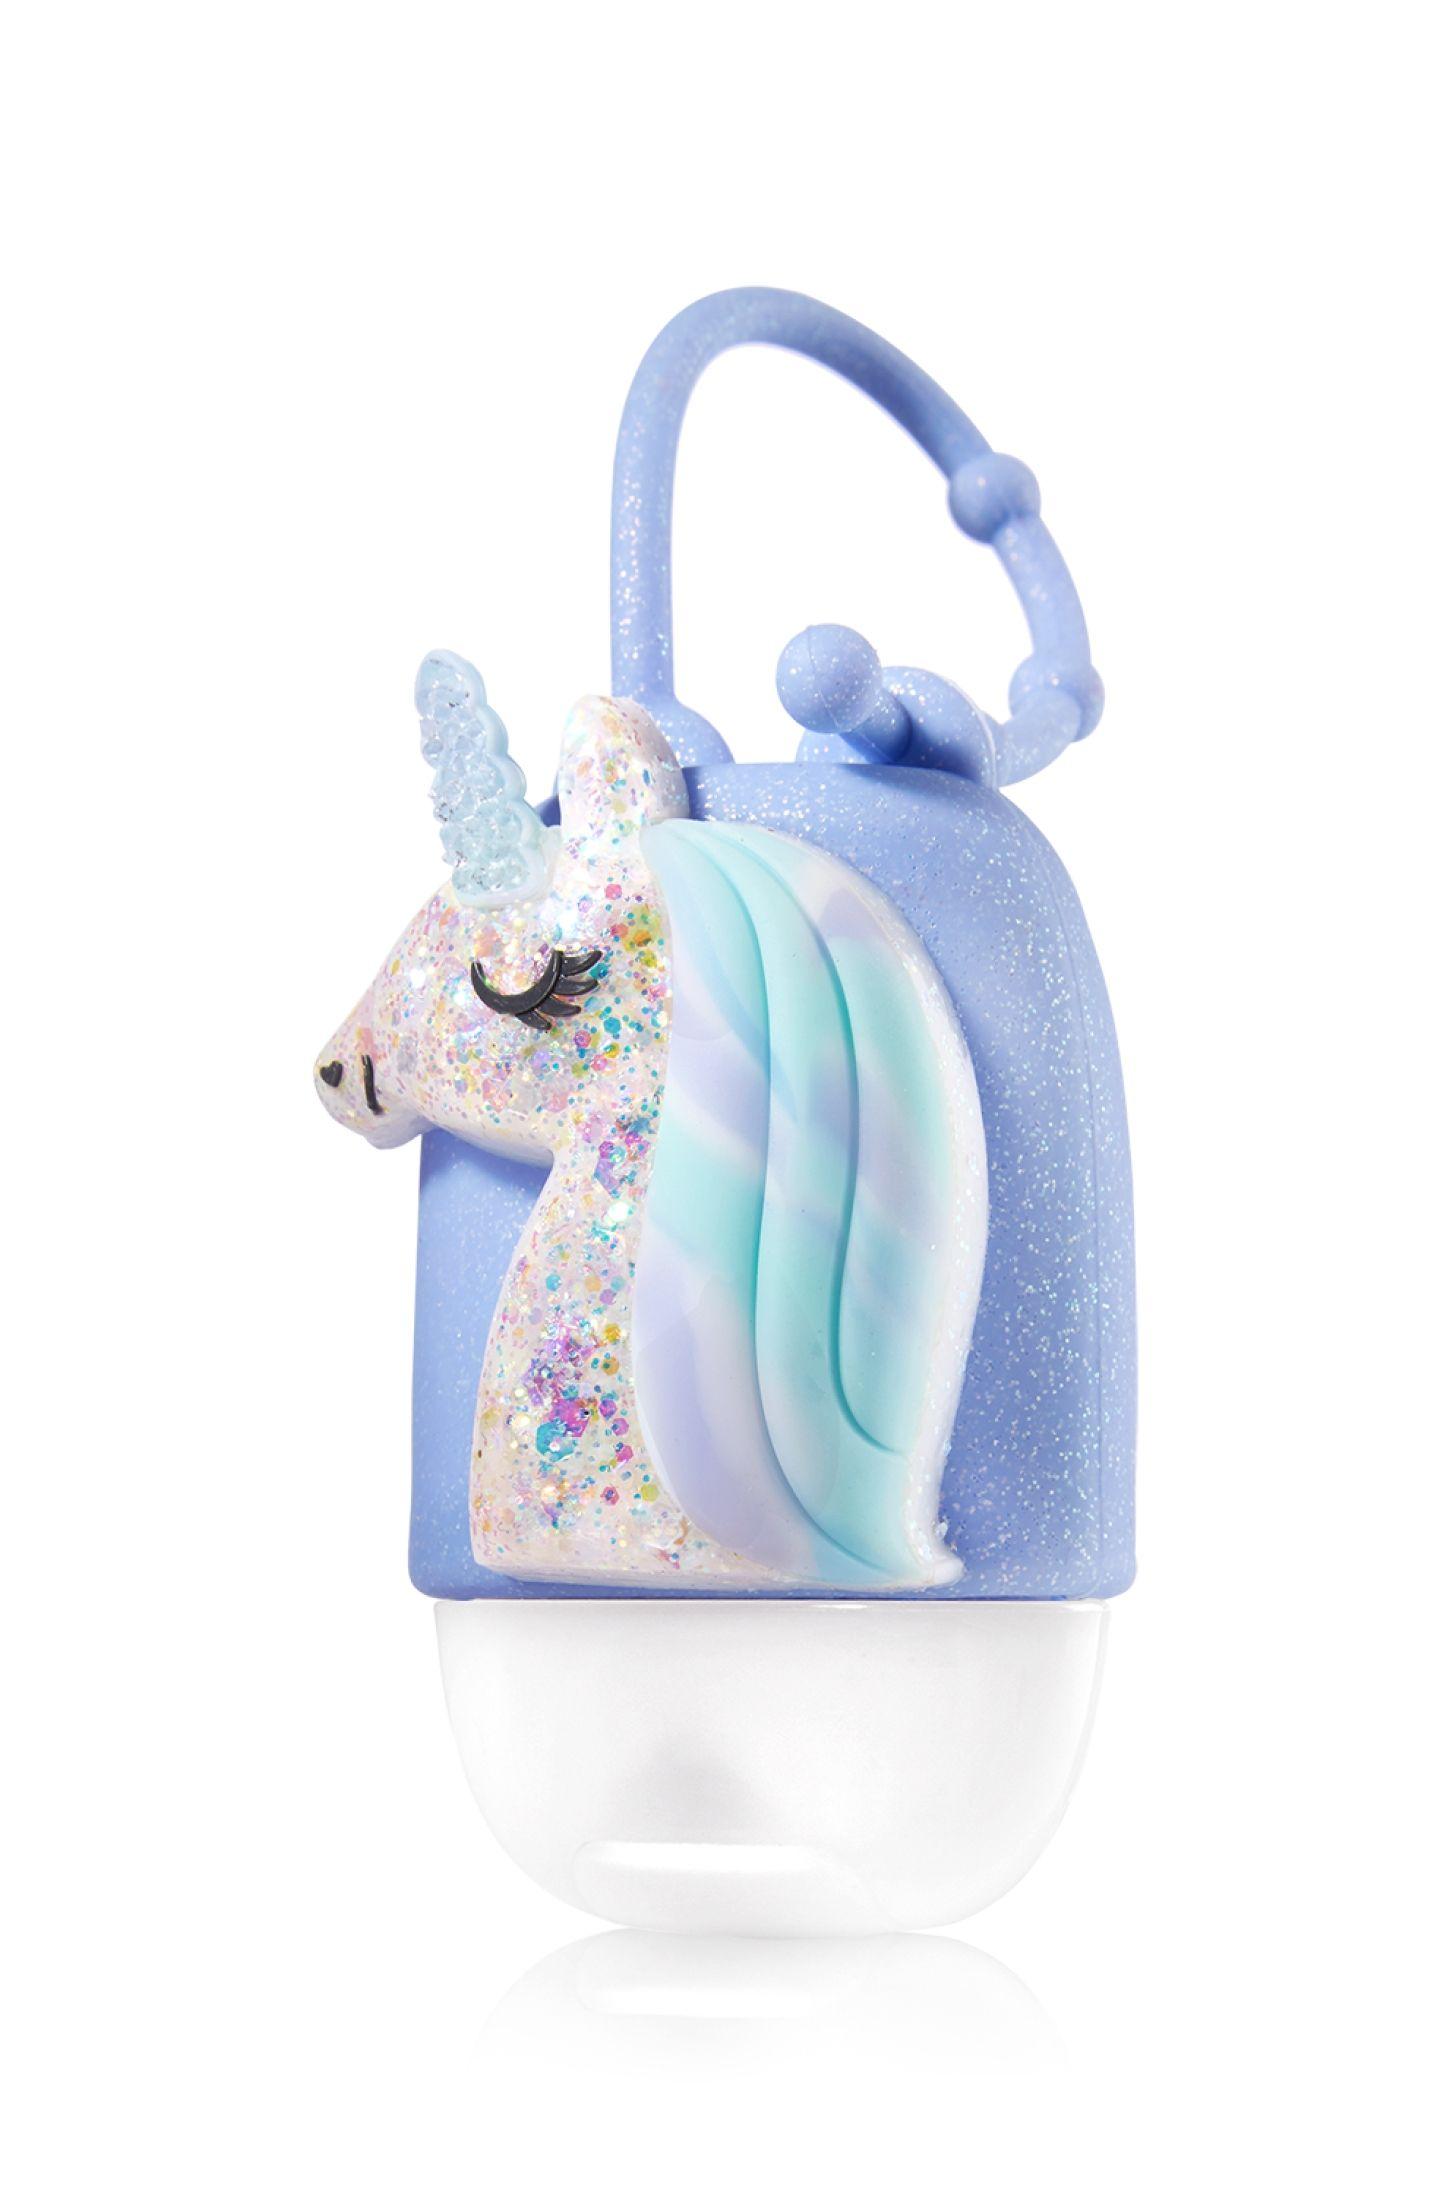 Bff Unicorns Pocketbac Holder Bath And Body Works Bath And